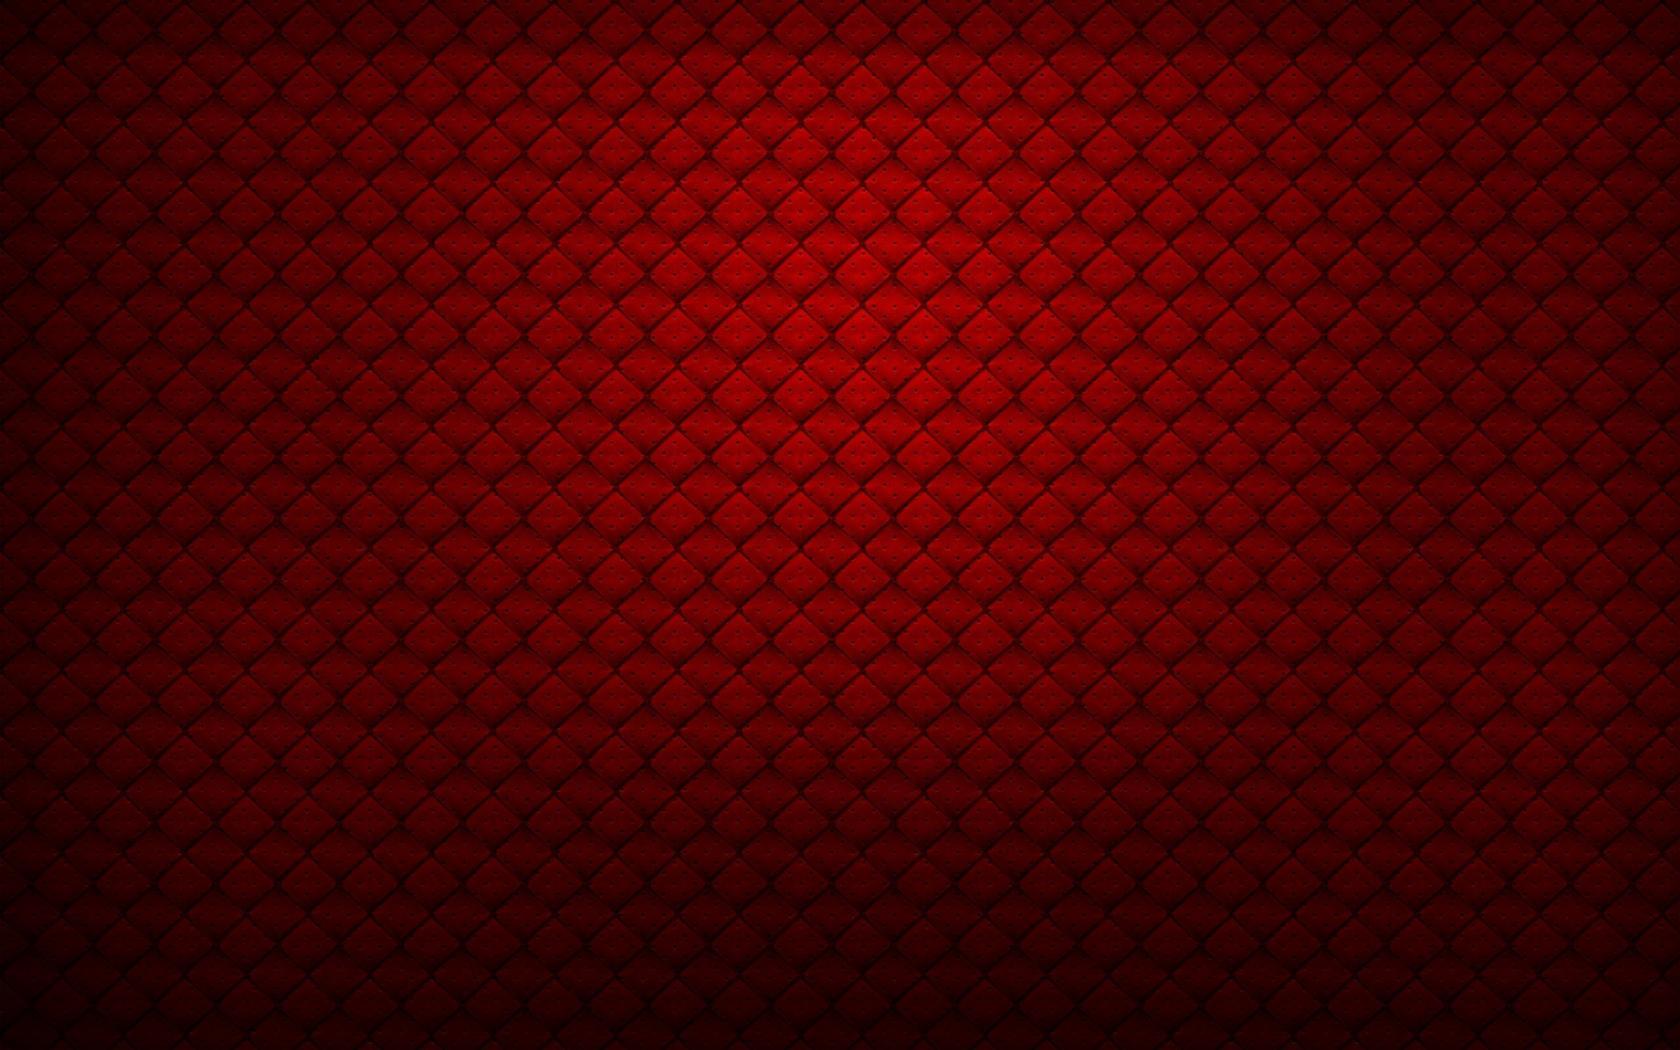 Красная плитка фон обои для рабочего